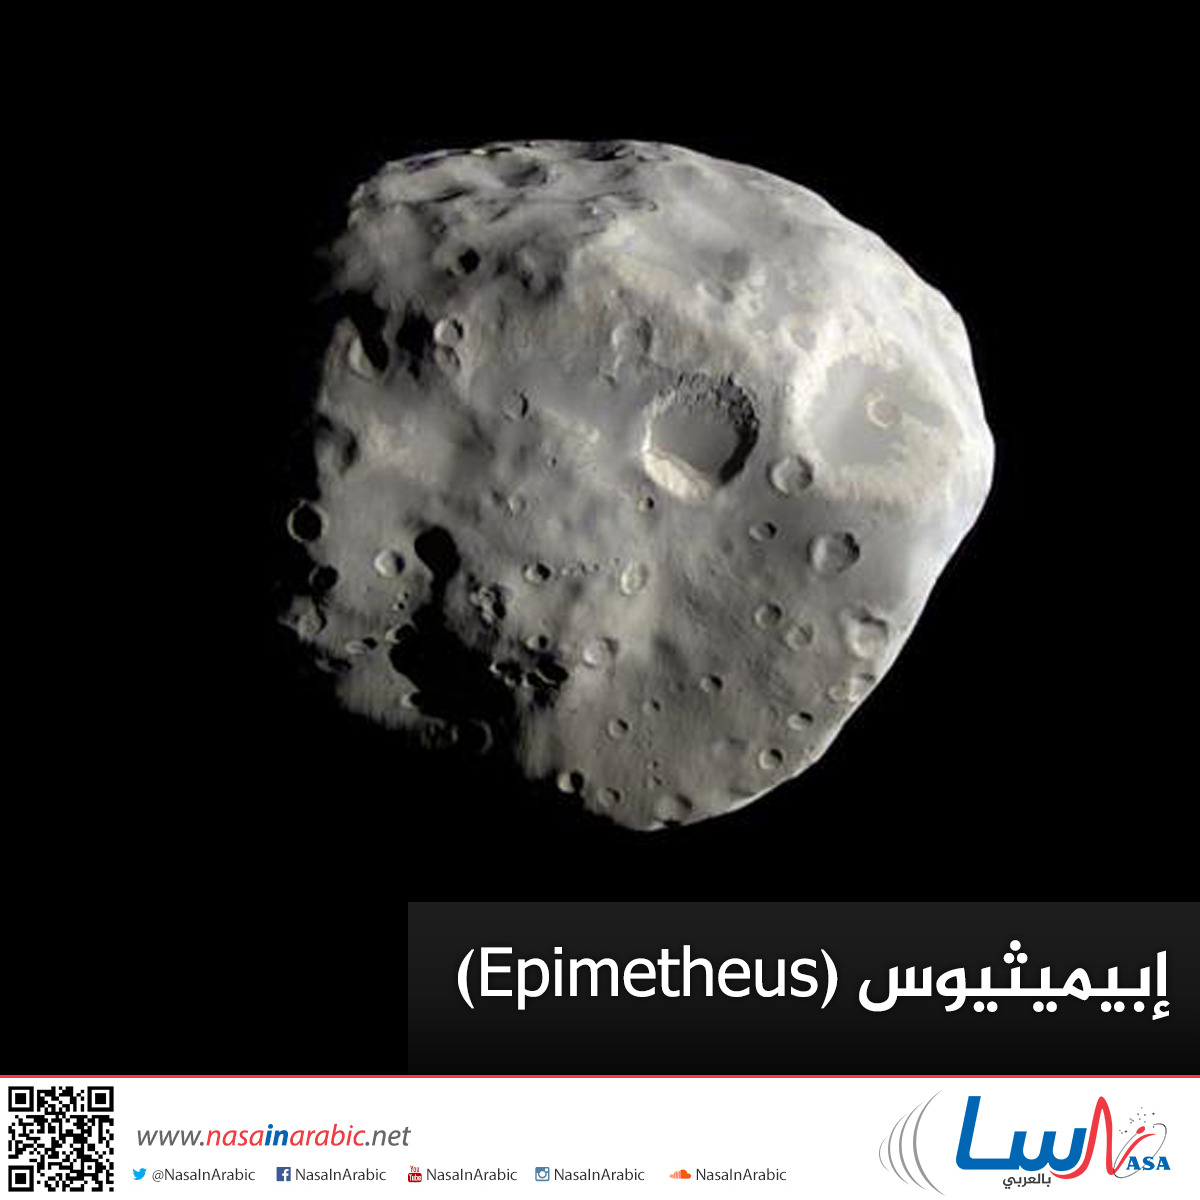 إبيميثيوس (Epimetheus)